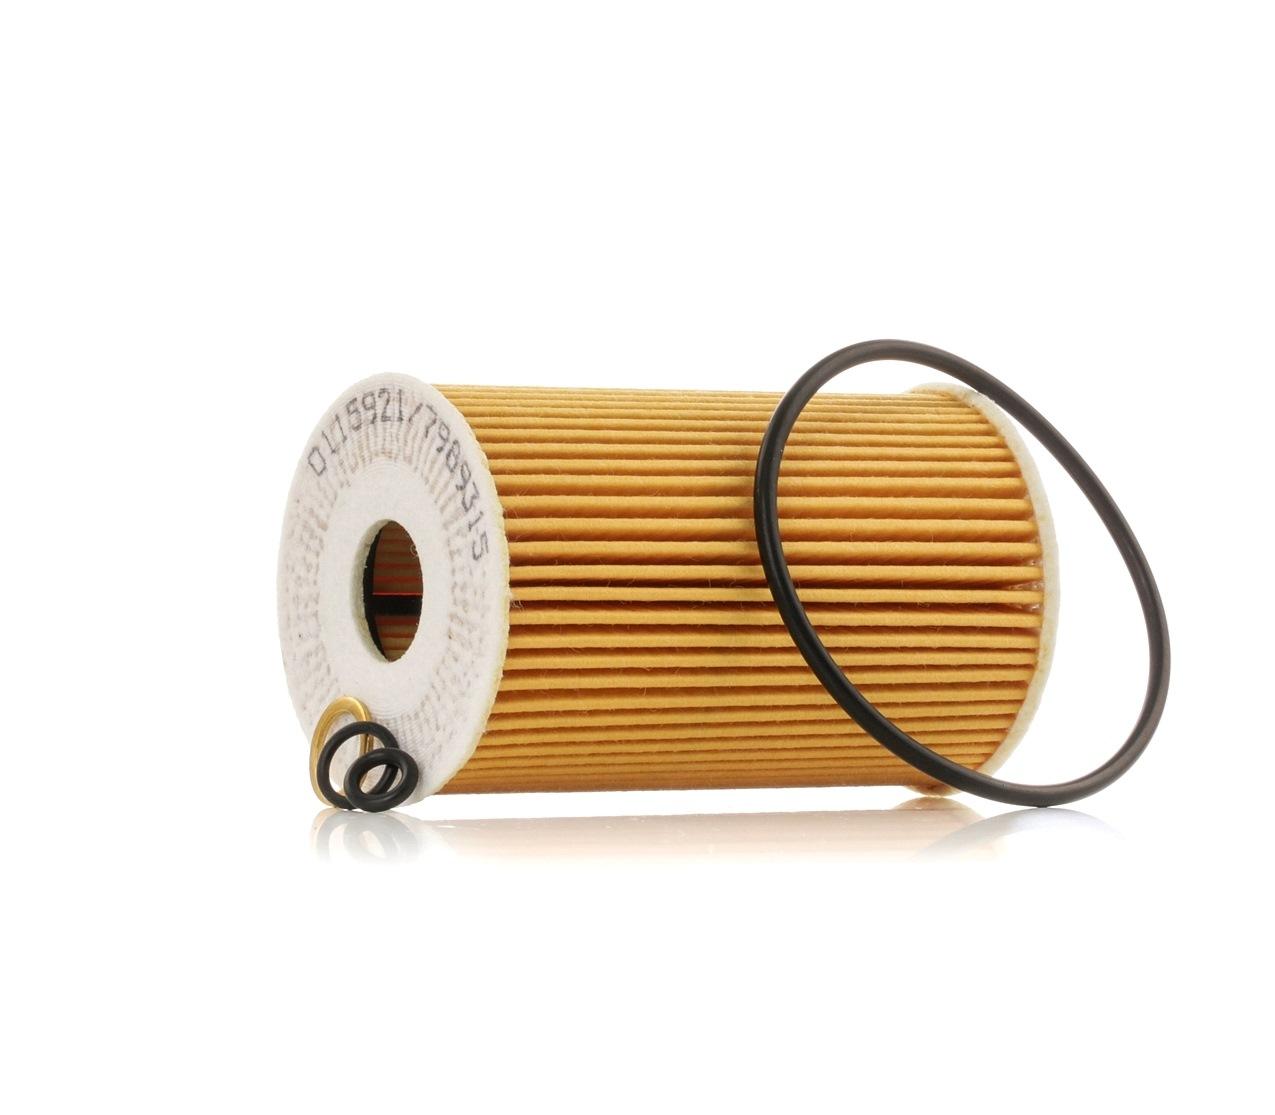 SKOF-0860094 STARK mit Dichtungen, Filtereinsatz Ø: 65mm, Ø: 65mm, Höhe: 105mm Ölfilter SKOF-0860094 günstig kaufen